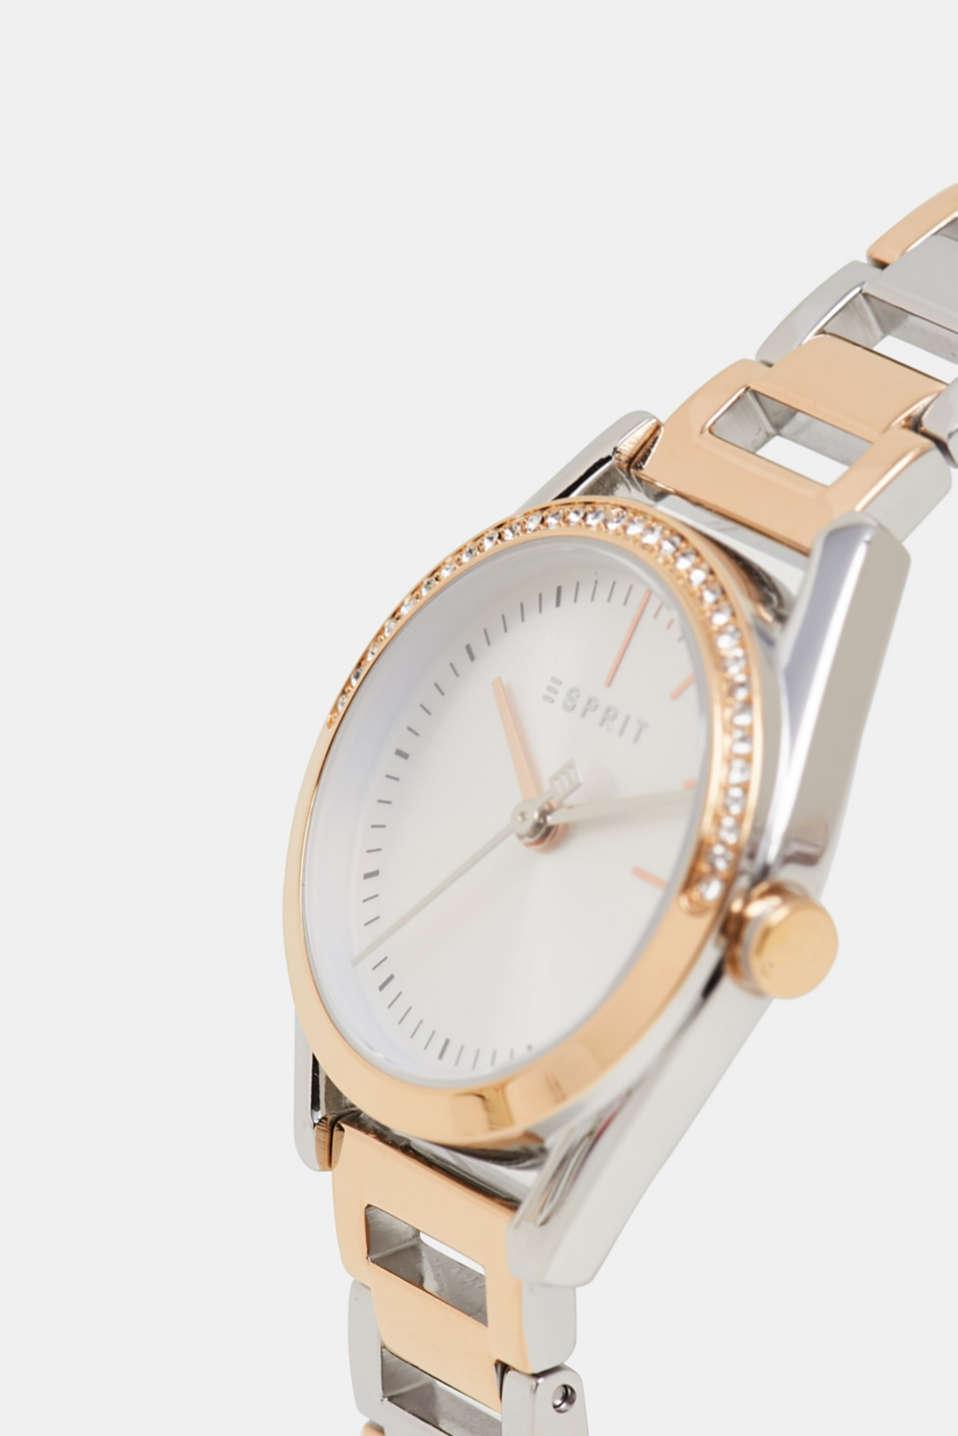 Watch and zirconia-trimmed bracelet set, ROSEGOLD, detail image number 1